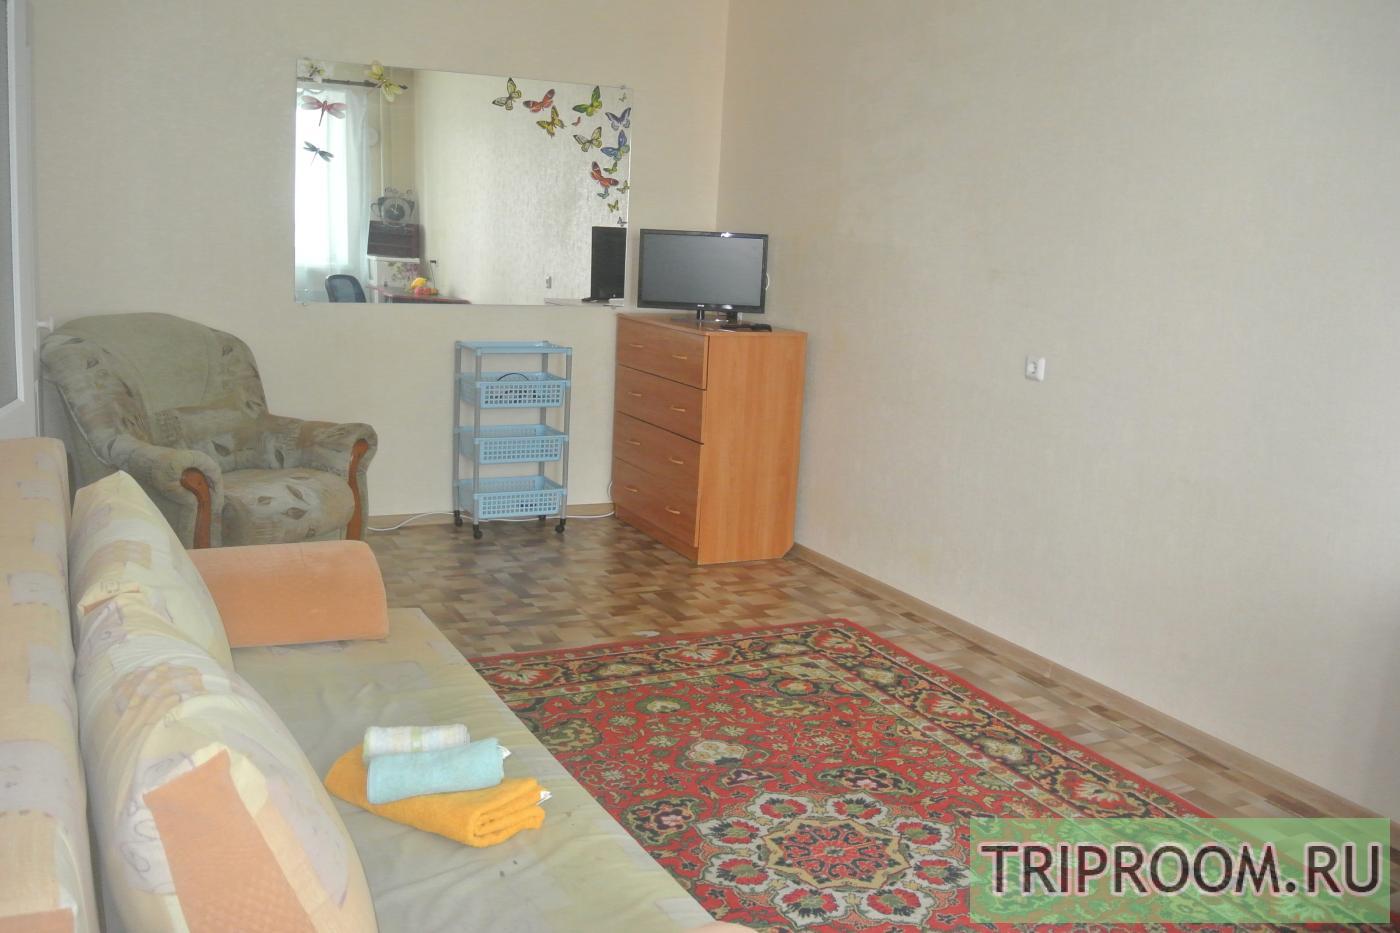 1-комнатная квартира посуточно (вариант № 9470), ул. Степана Разина улица, фото № 5